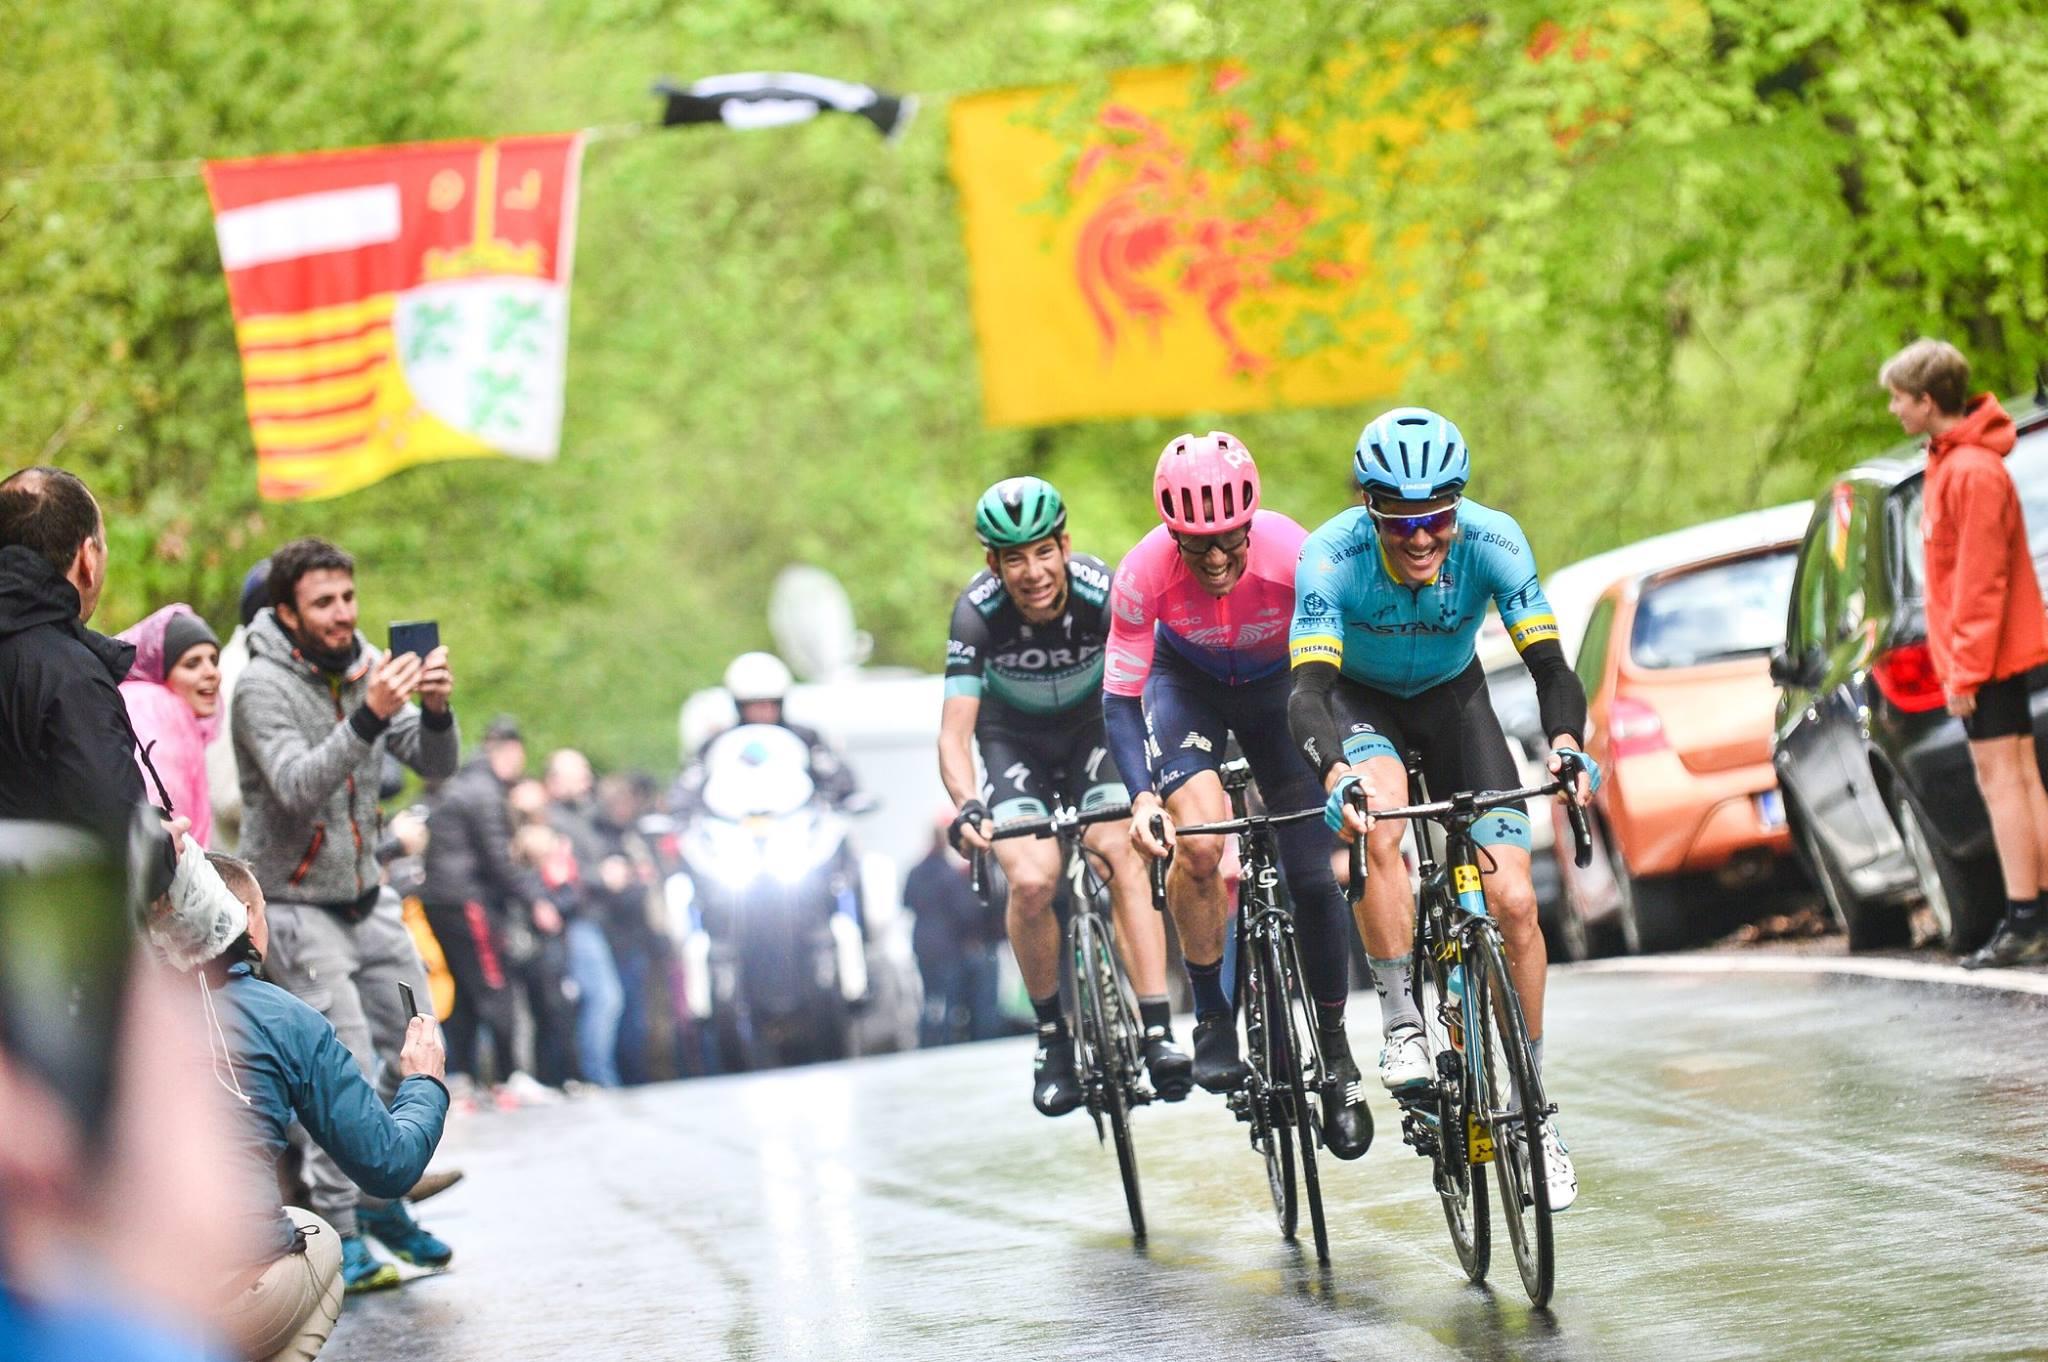 Riders tackling a wet Liege-Bastogne-Liege in 2019